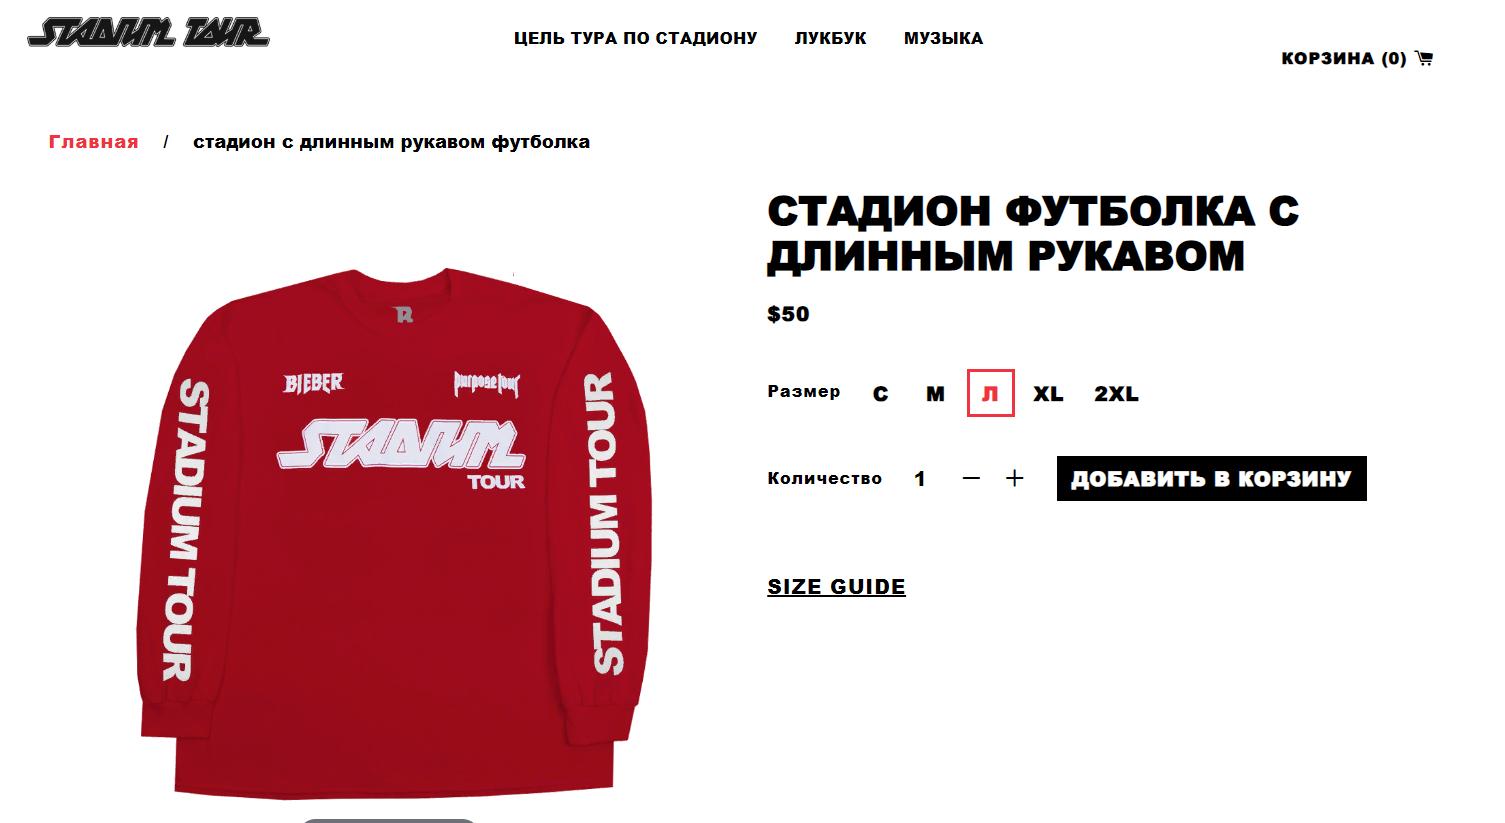 Стадион футболка с длинным рукавом